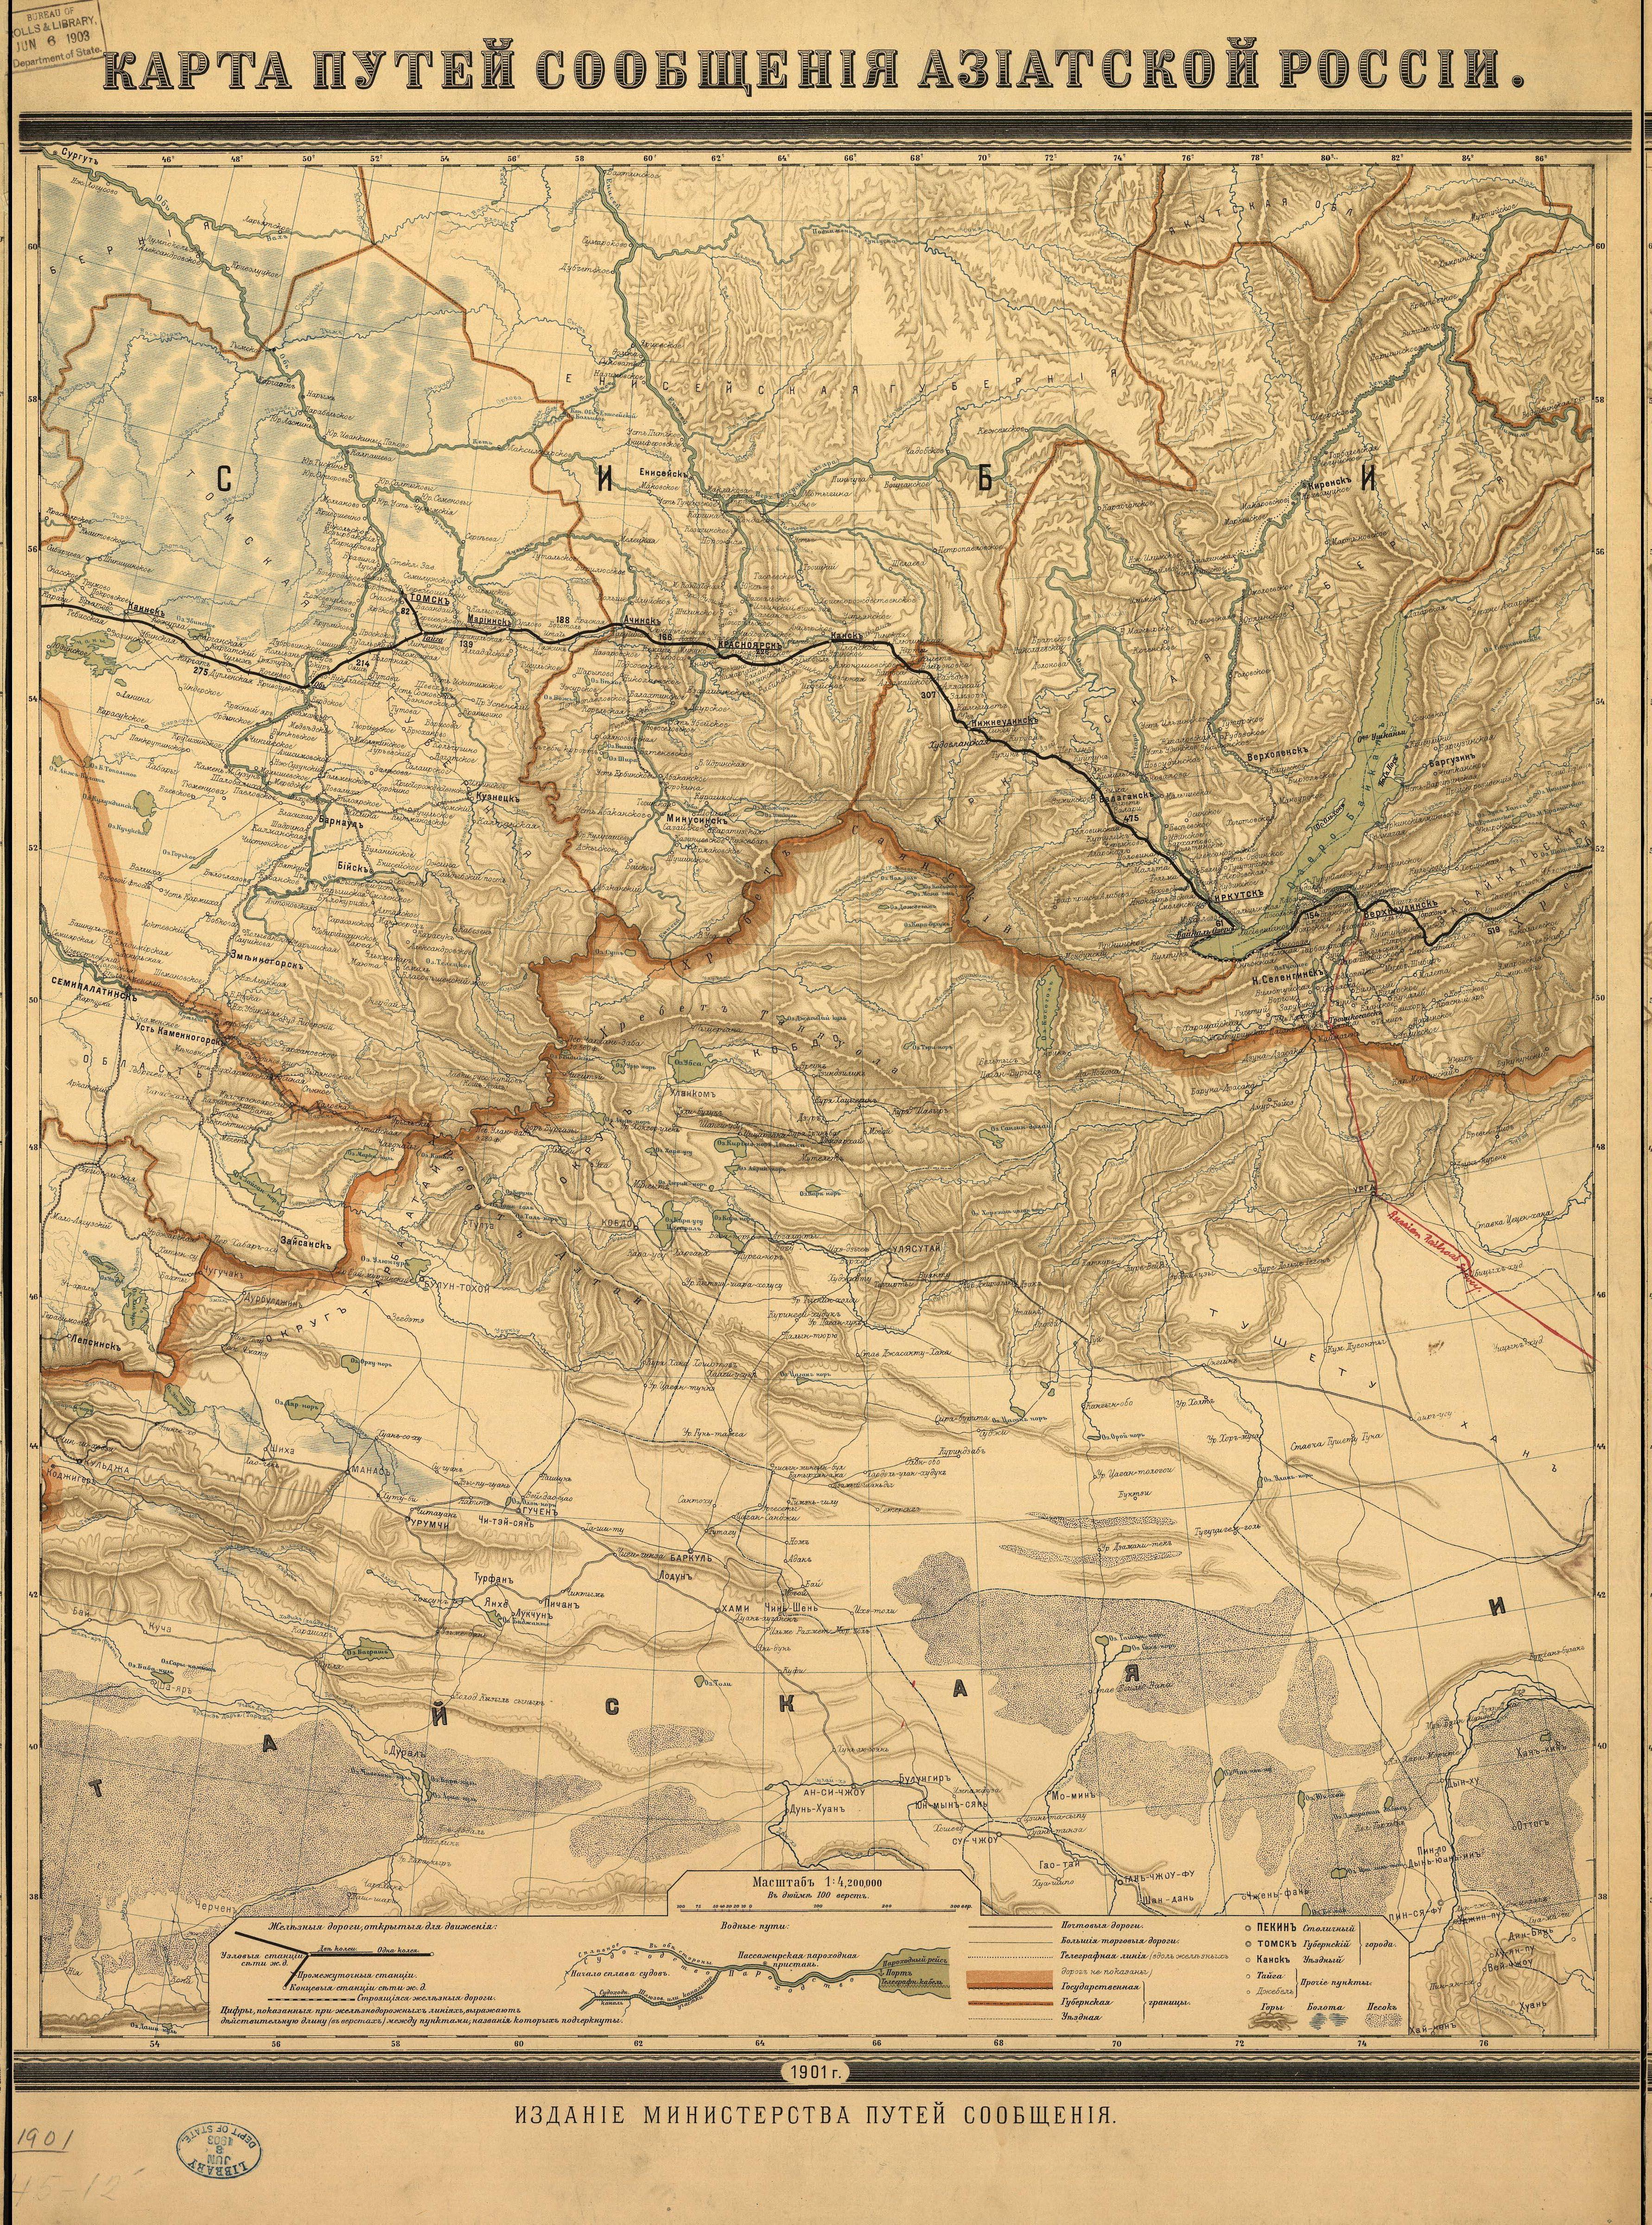 Карта путей сообщения Азиатской России, 1901_2